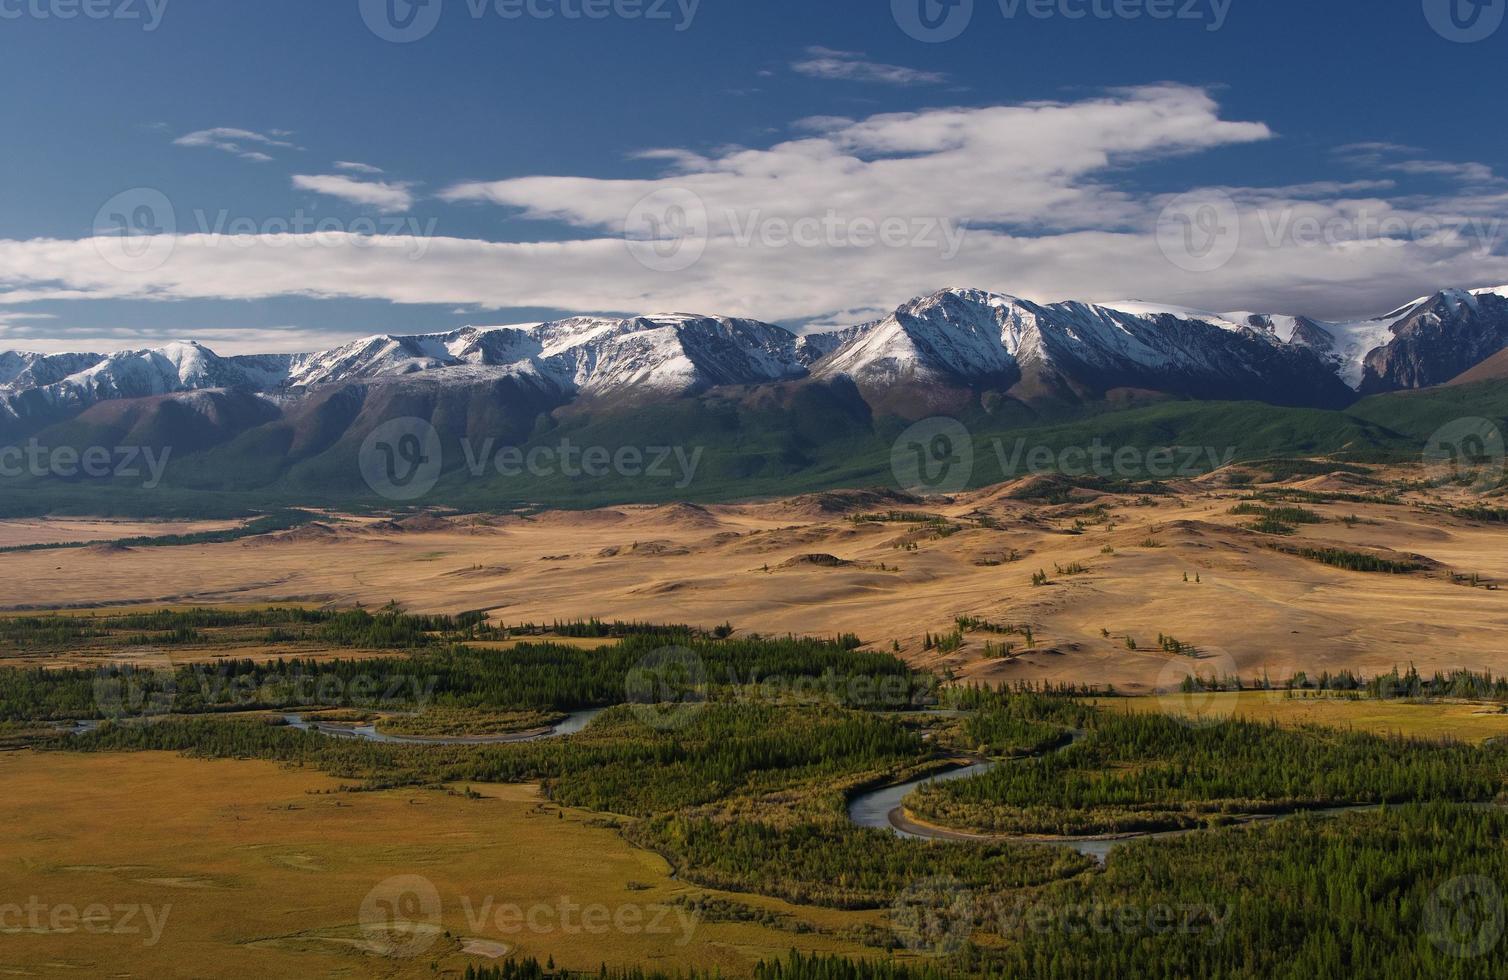 montanhas com picos nevados asiáticos nos meandros do rio ao fundo foto